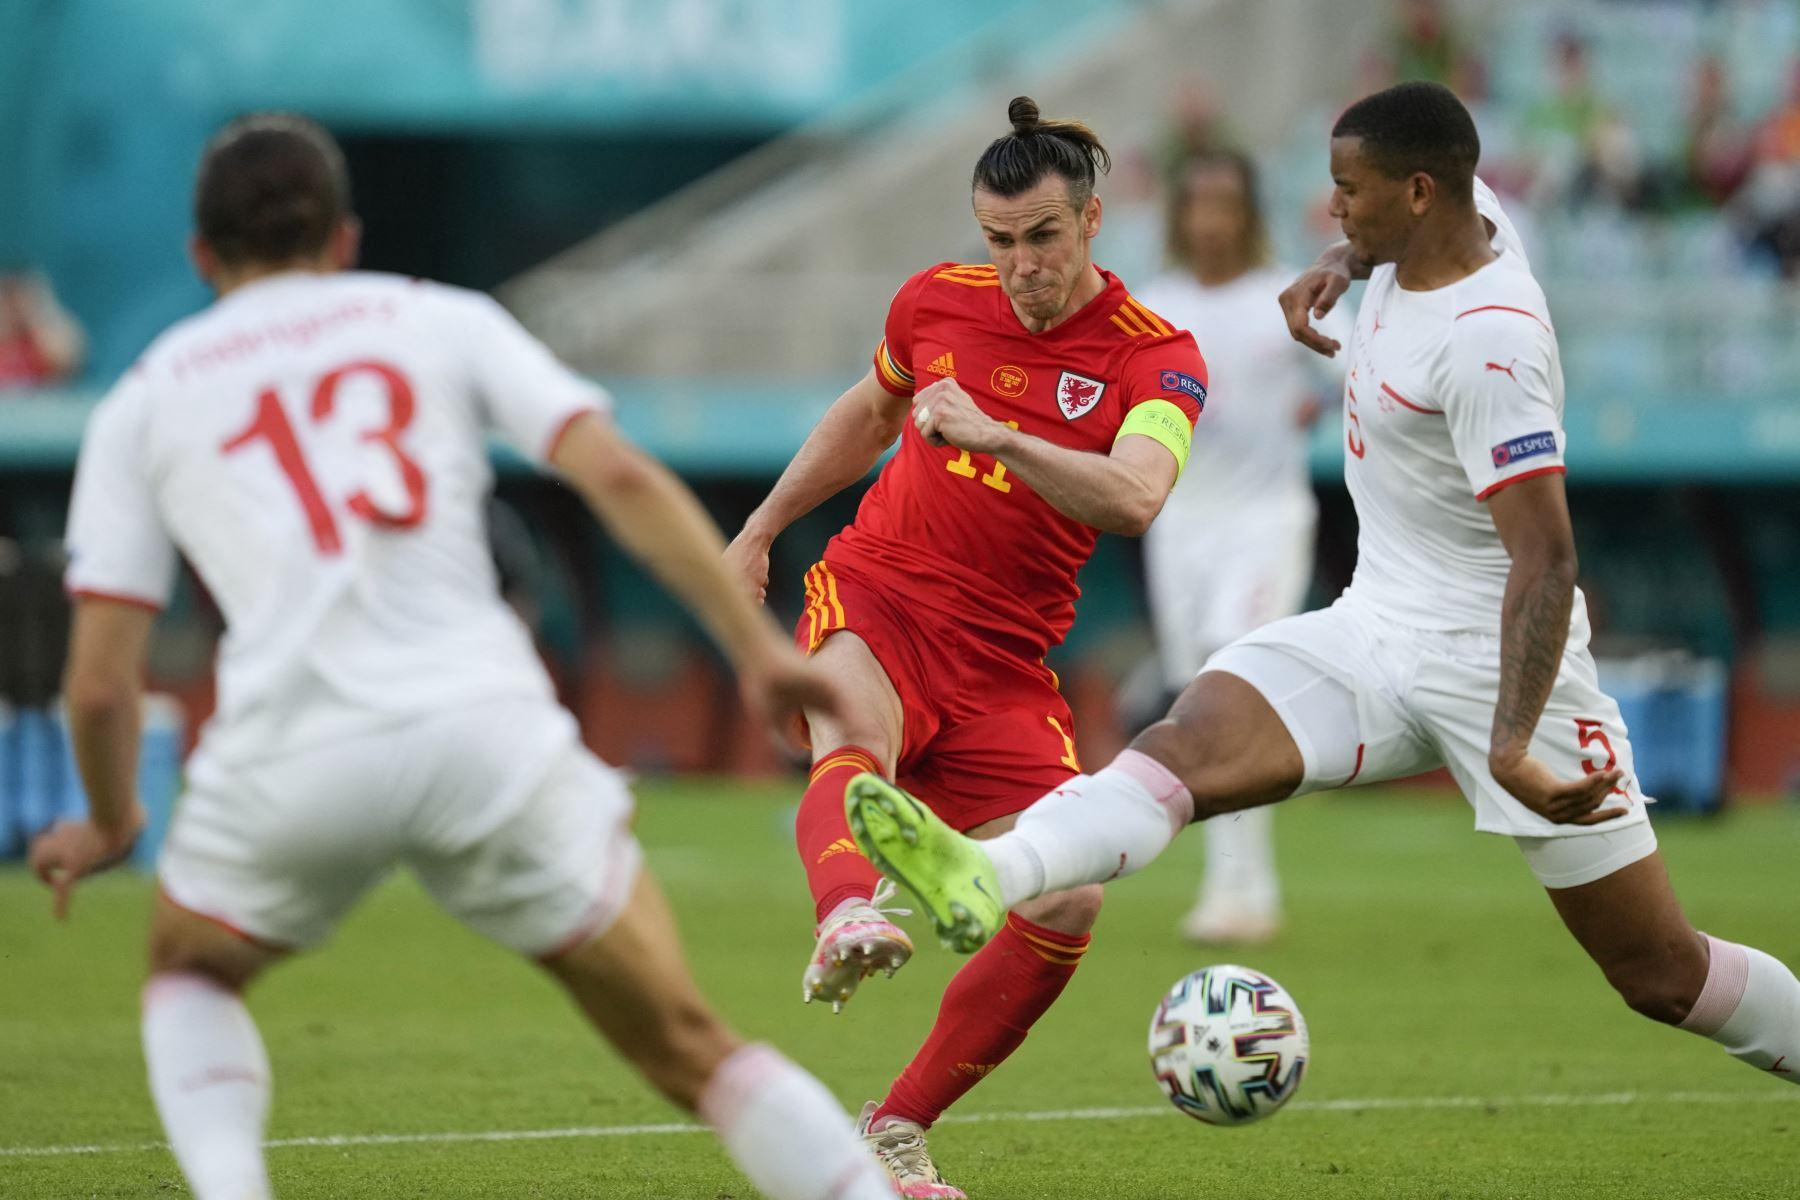 El delantero de Gales Gareth Bale  intenta un tiro cuando es marcado por el defensor suizo Manuel Akanji  durante el partido de fútbol del Grupo A de la UEFA EURO 2020 entre Gales y Suiza en el Estadio Olímpico de Bakú. Foto: AFP